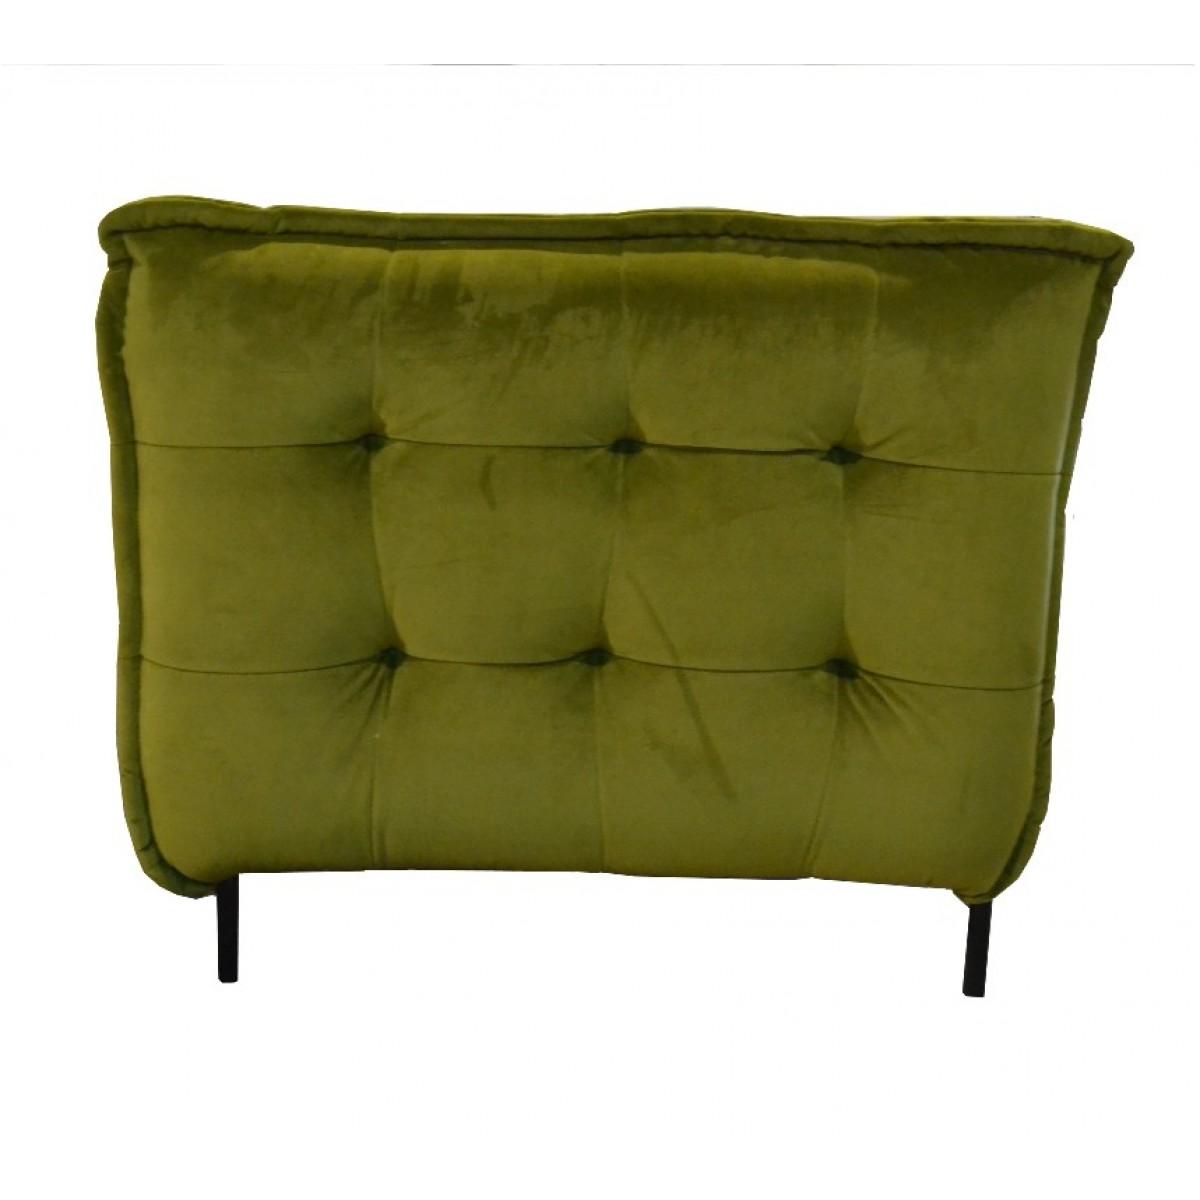 2,5-zits-bank_fauteuil_slimm_jim_patch_stof_seven_cognac_leer_tom_club_easy_sofa_zijkant